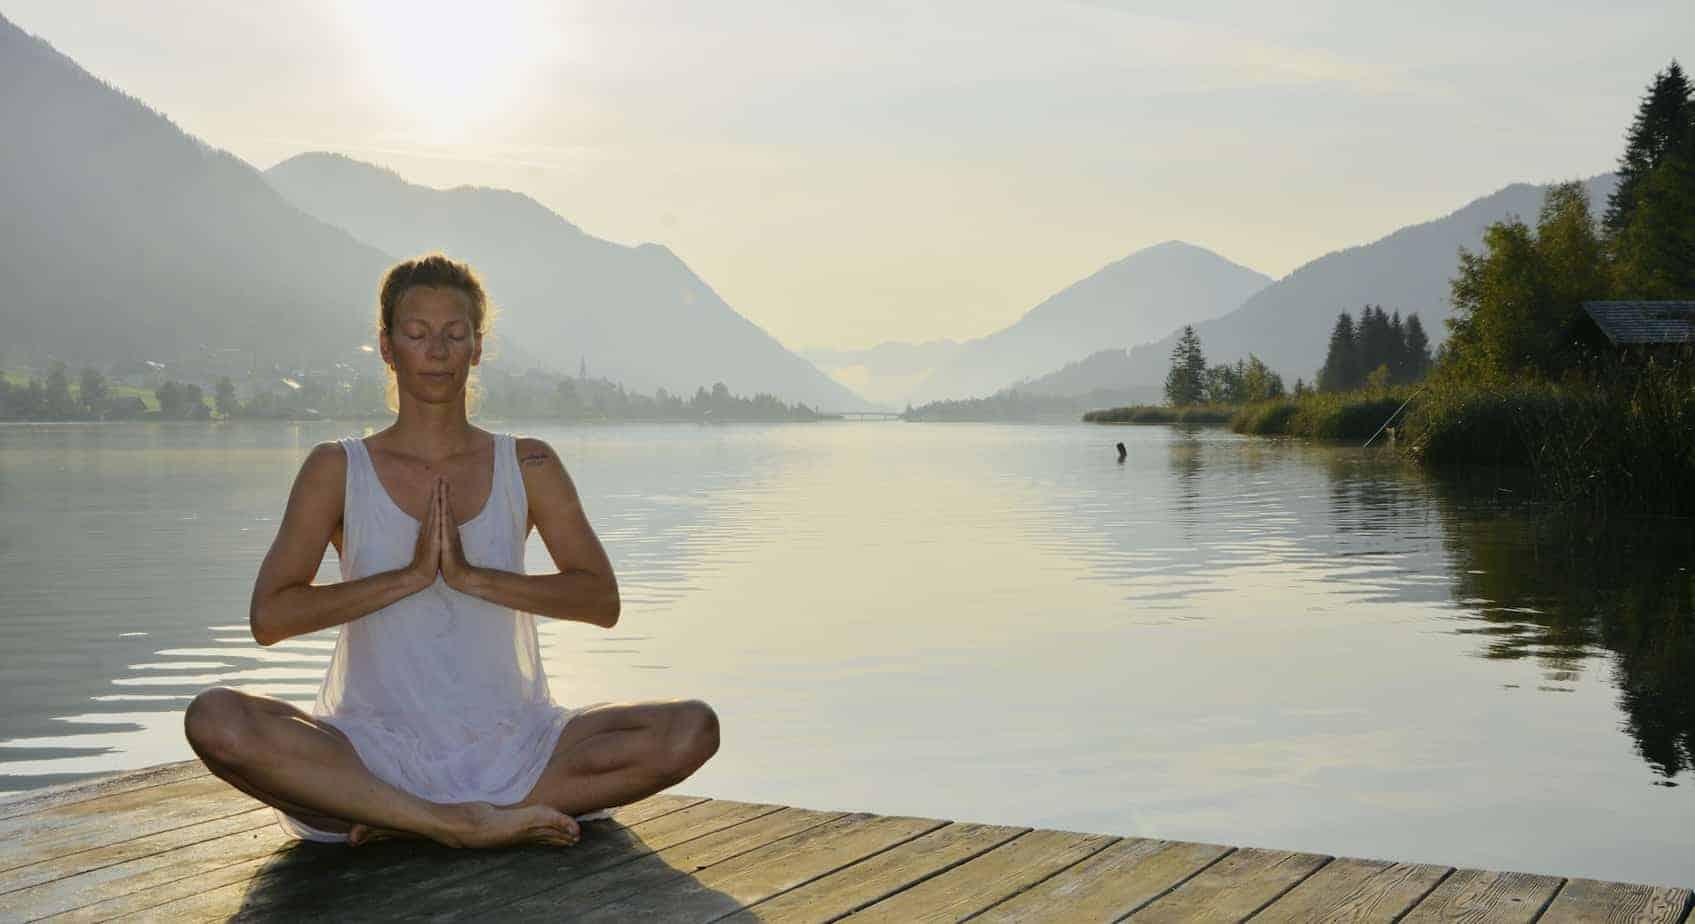 Franzi von Nahrungsglück meditiert am See